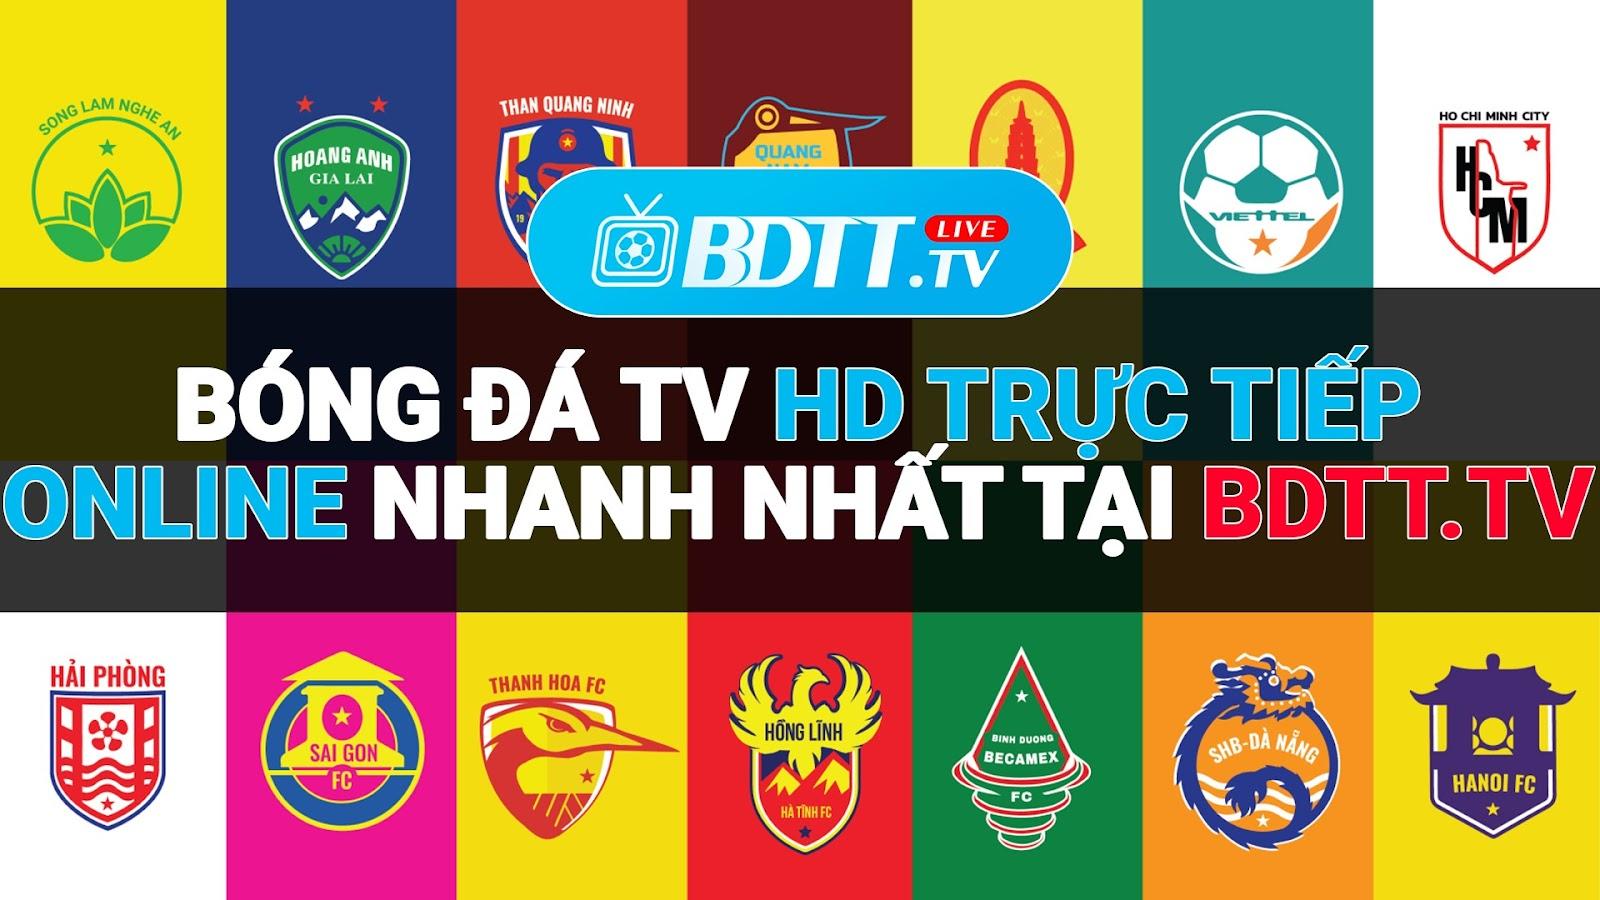 Trải nghiệm xem bóng đá trực tiếp tại kênh BDTT.tv - Xem trực tiếp bóng đá miễn phí, là trải nghiệm những giây phút được chờ đợi, hồi hộp, hưng phấn, lên cao trào khi được chứng kiến những pha sút bóng đầy nội lực của các siêu sao bóng đá